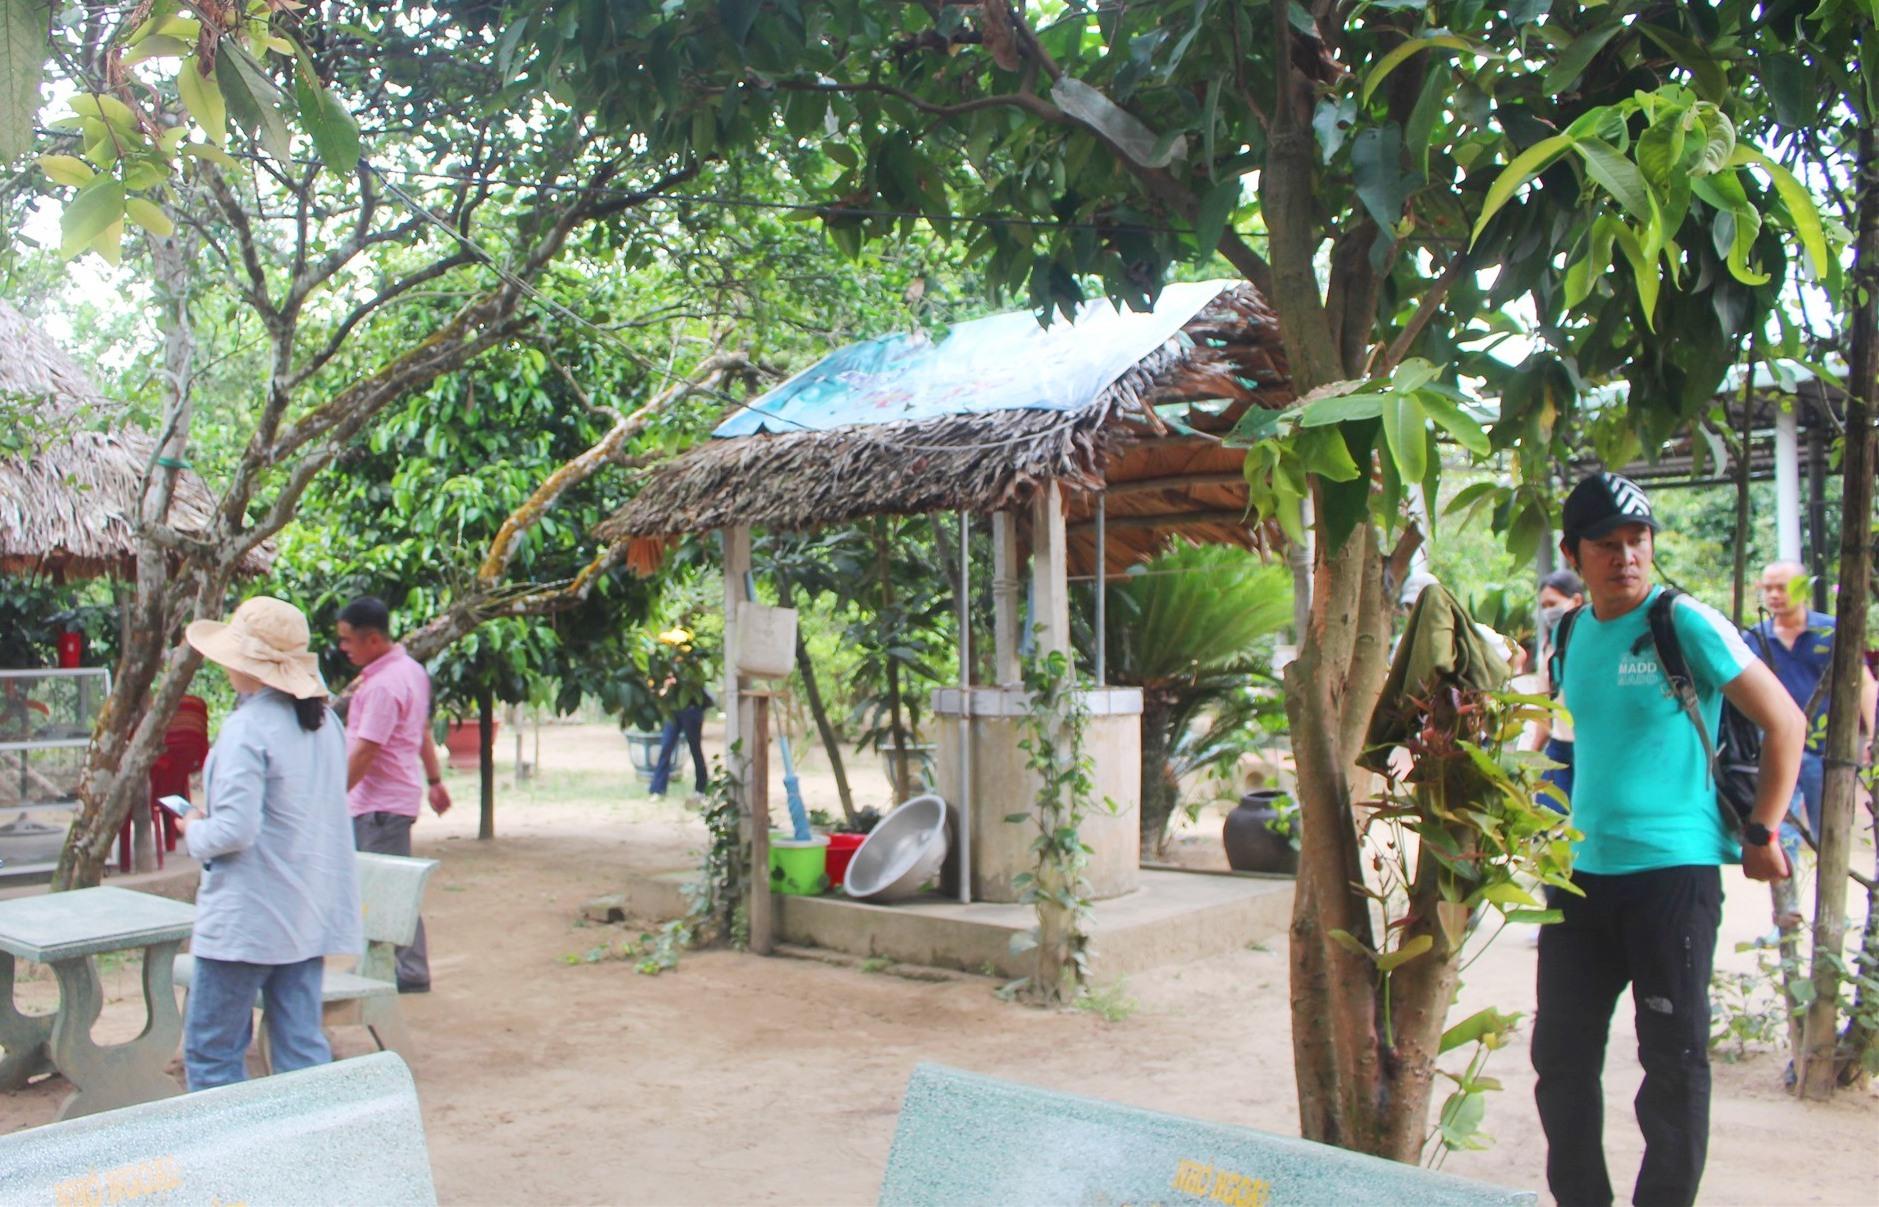 Tham quan làng du lịch sinh thái Đại Bình. Ảnh: HOÀNG LIÊN